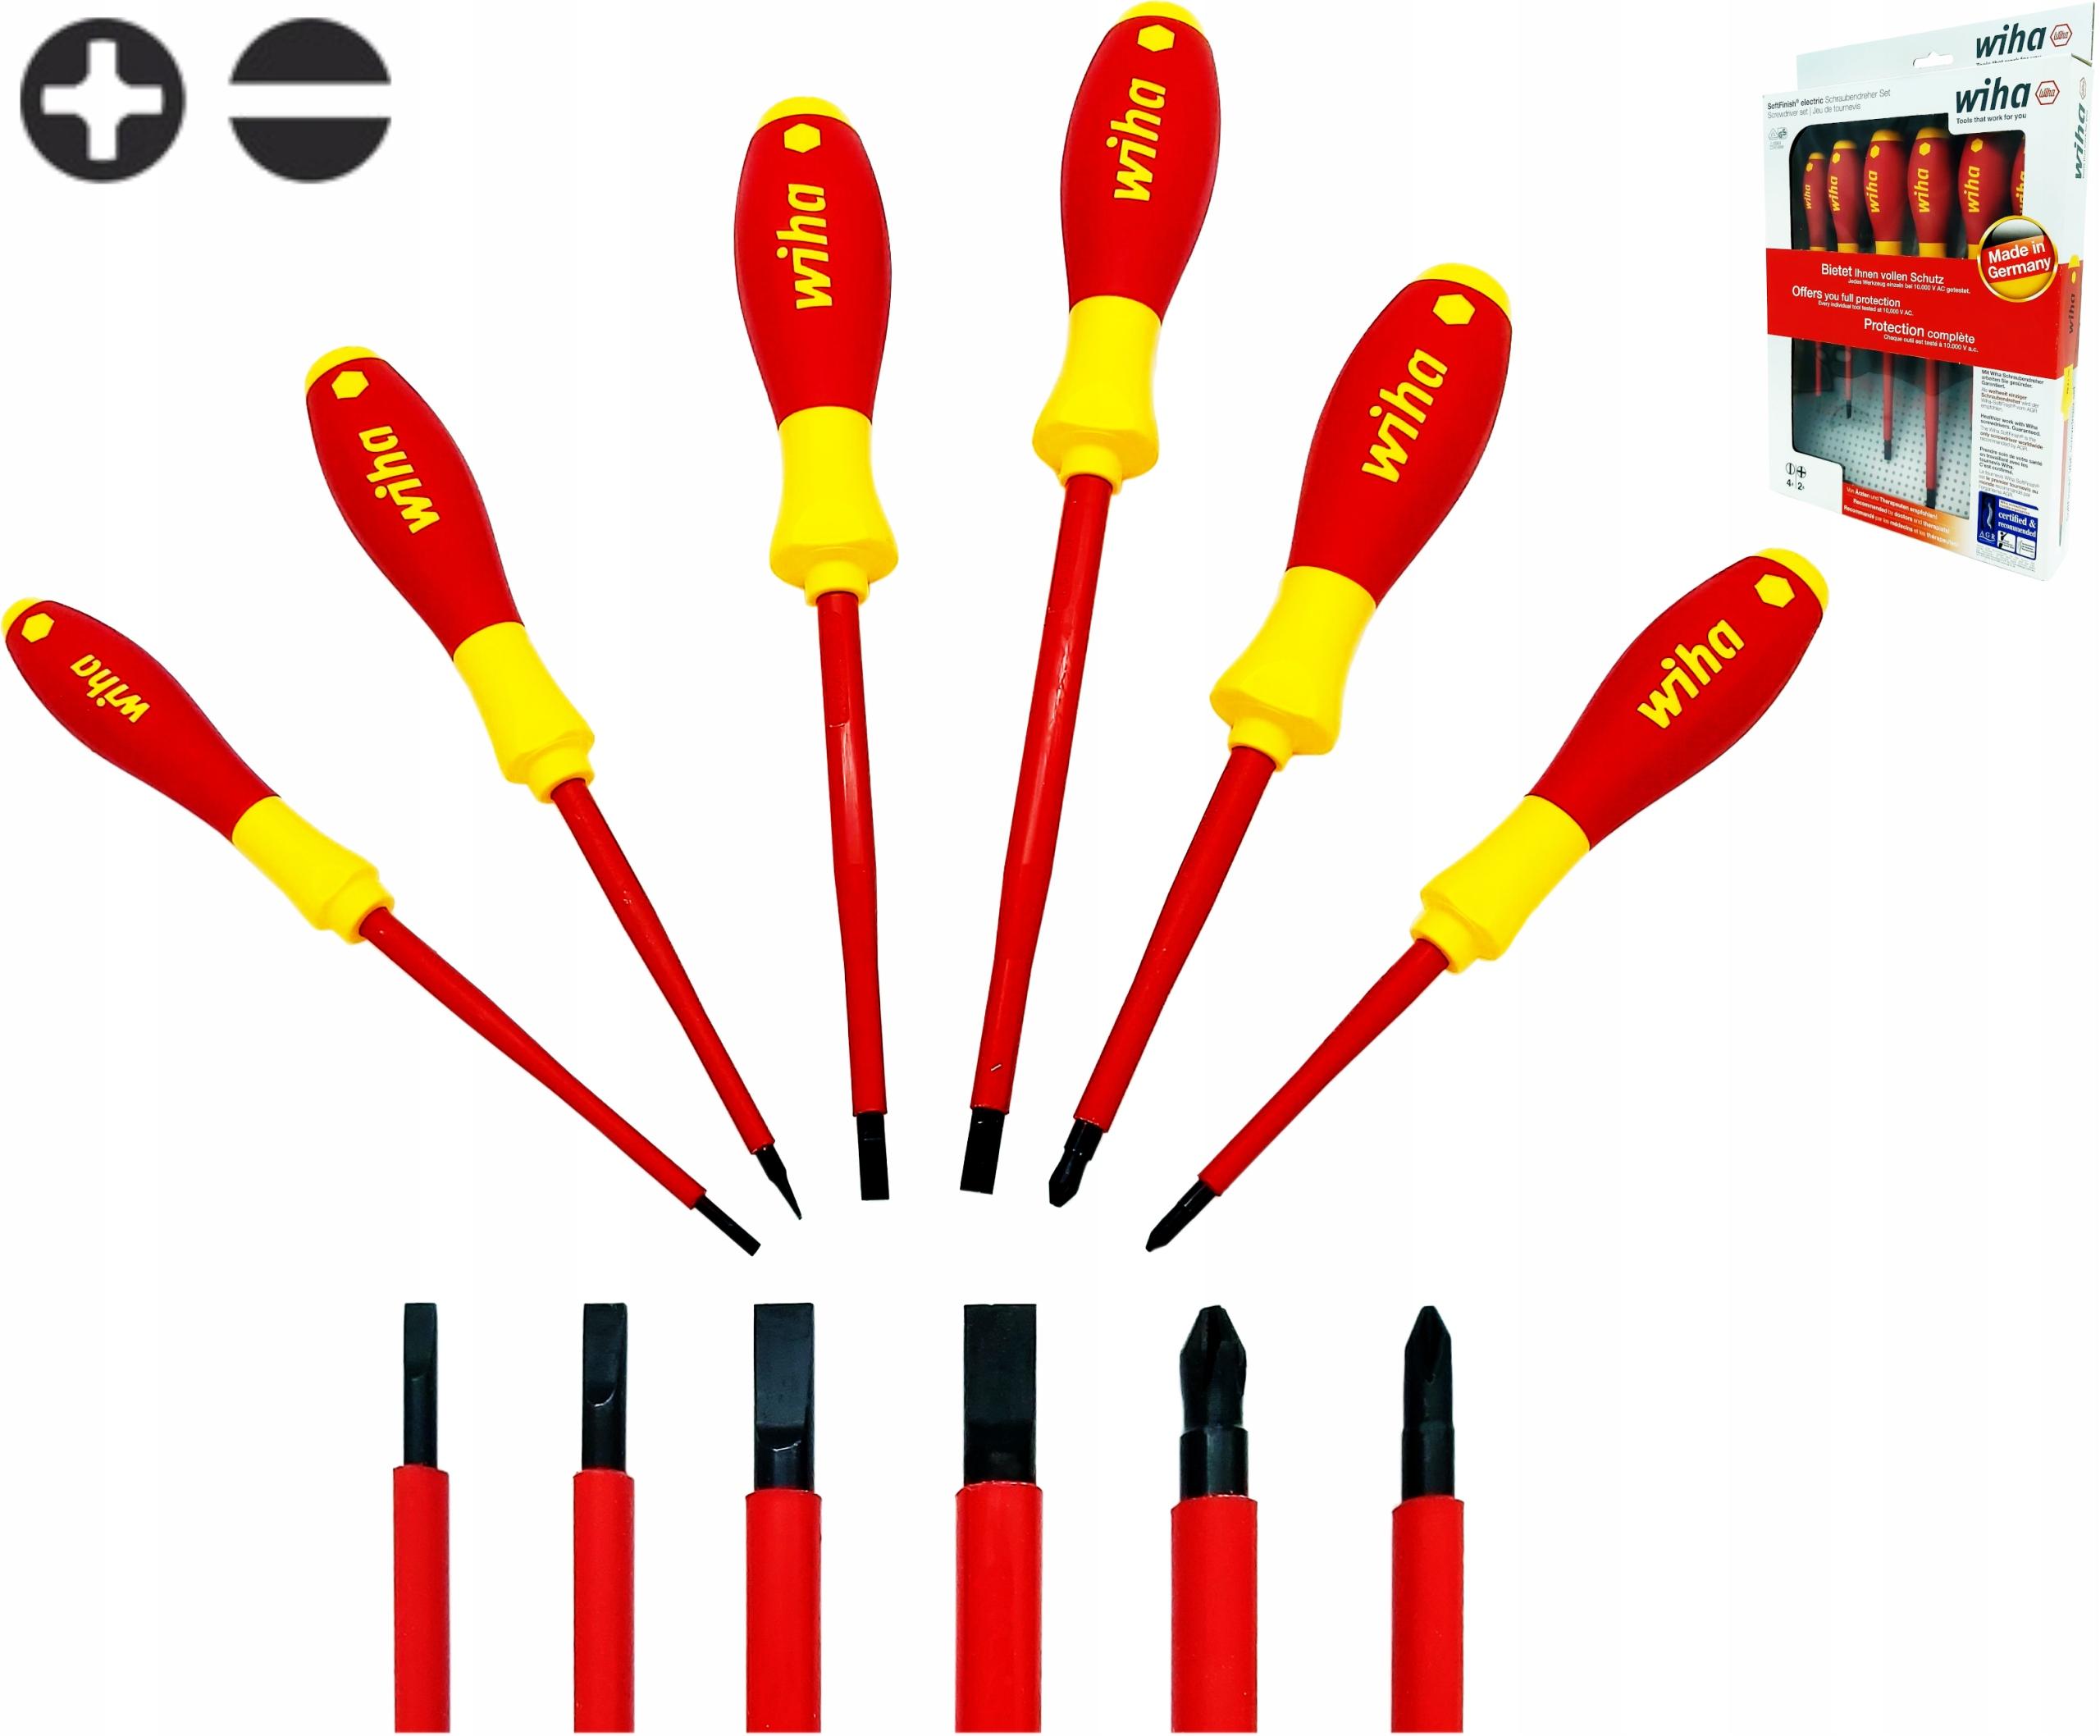 Sada elektrických skrutkovačov SoftFinish slimFix WIHA